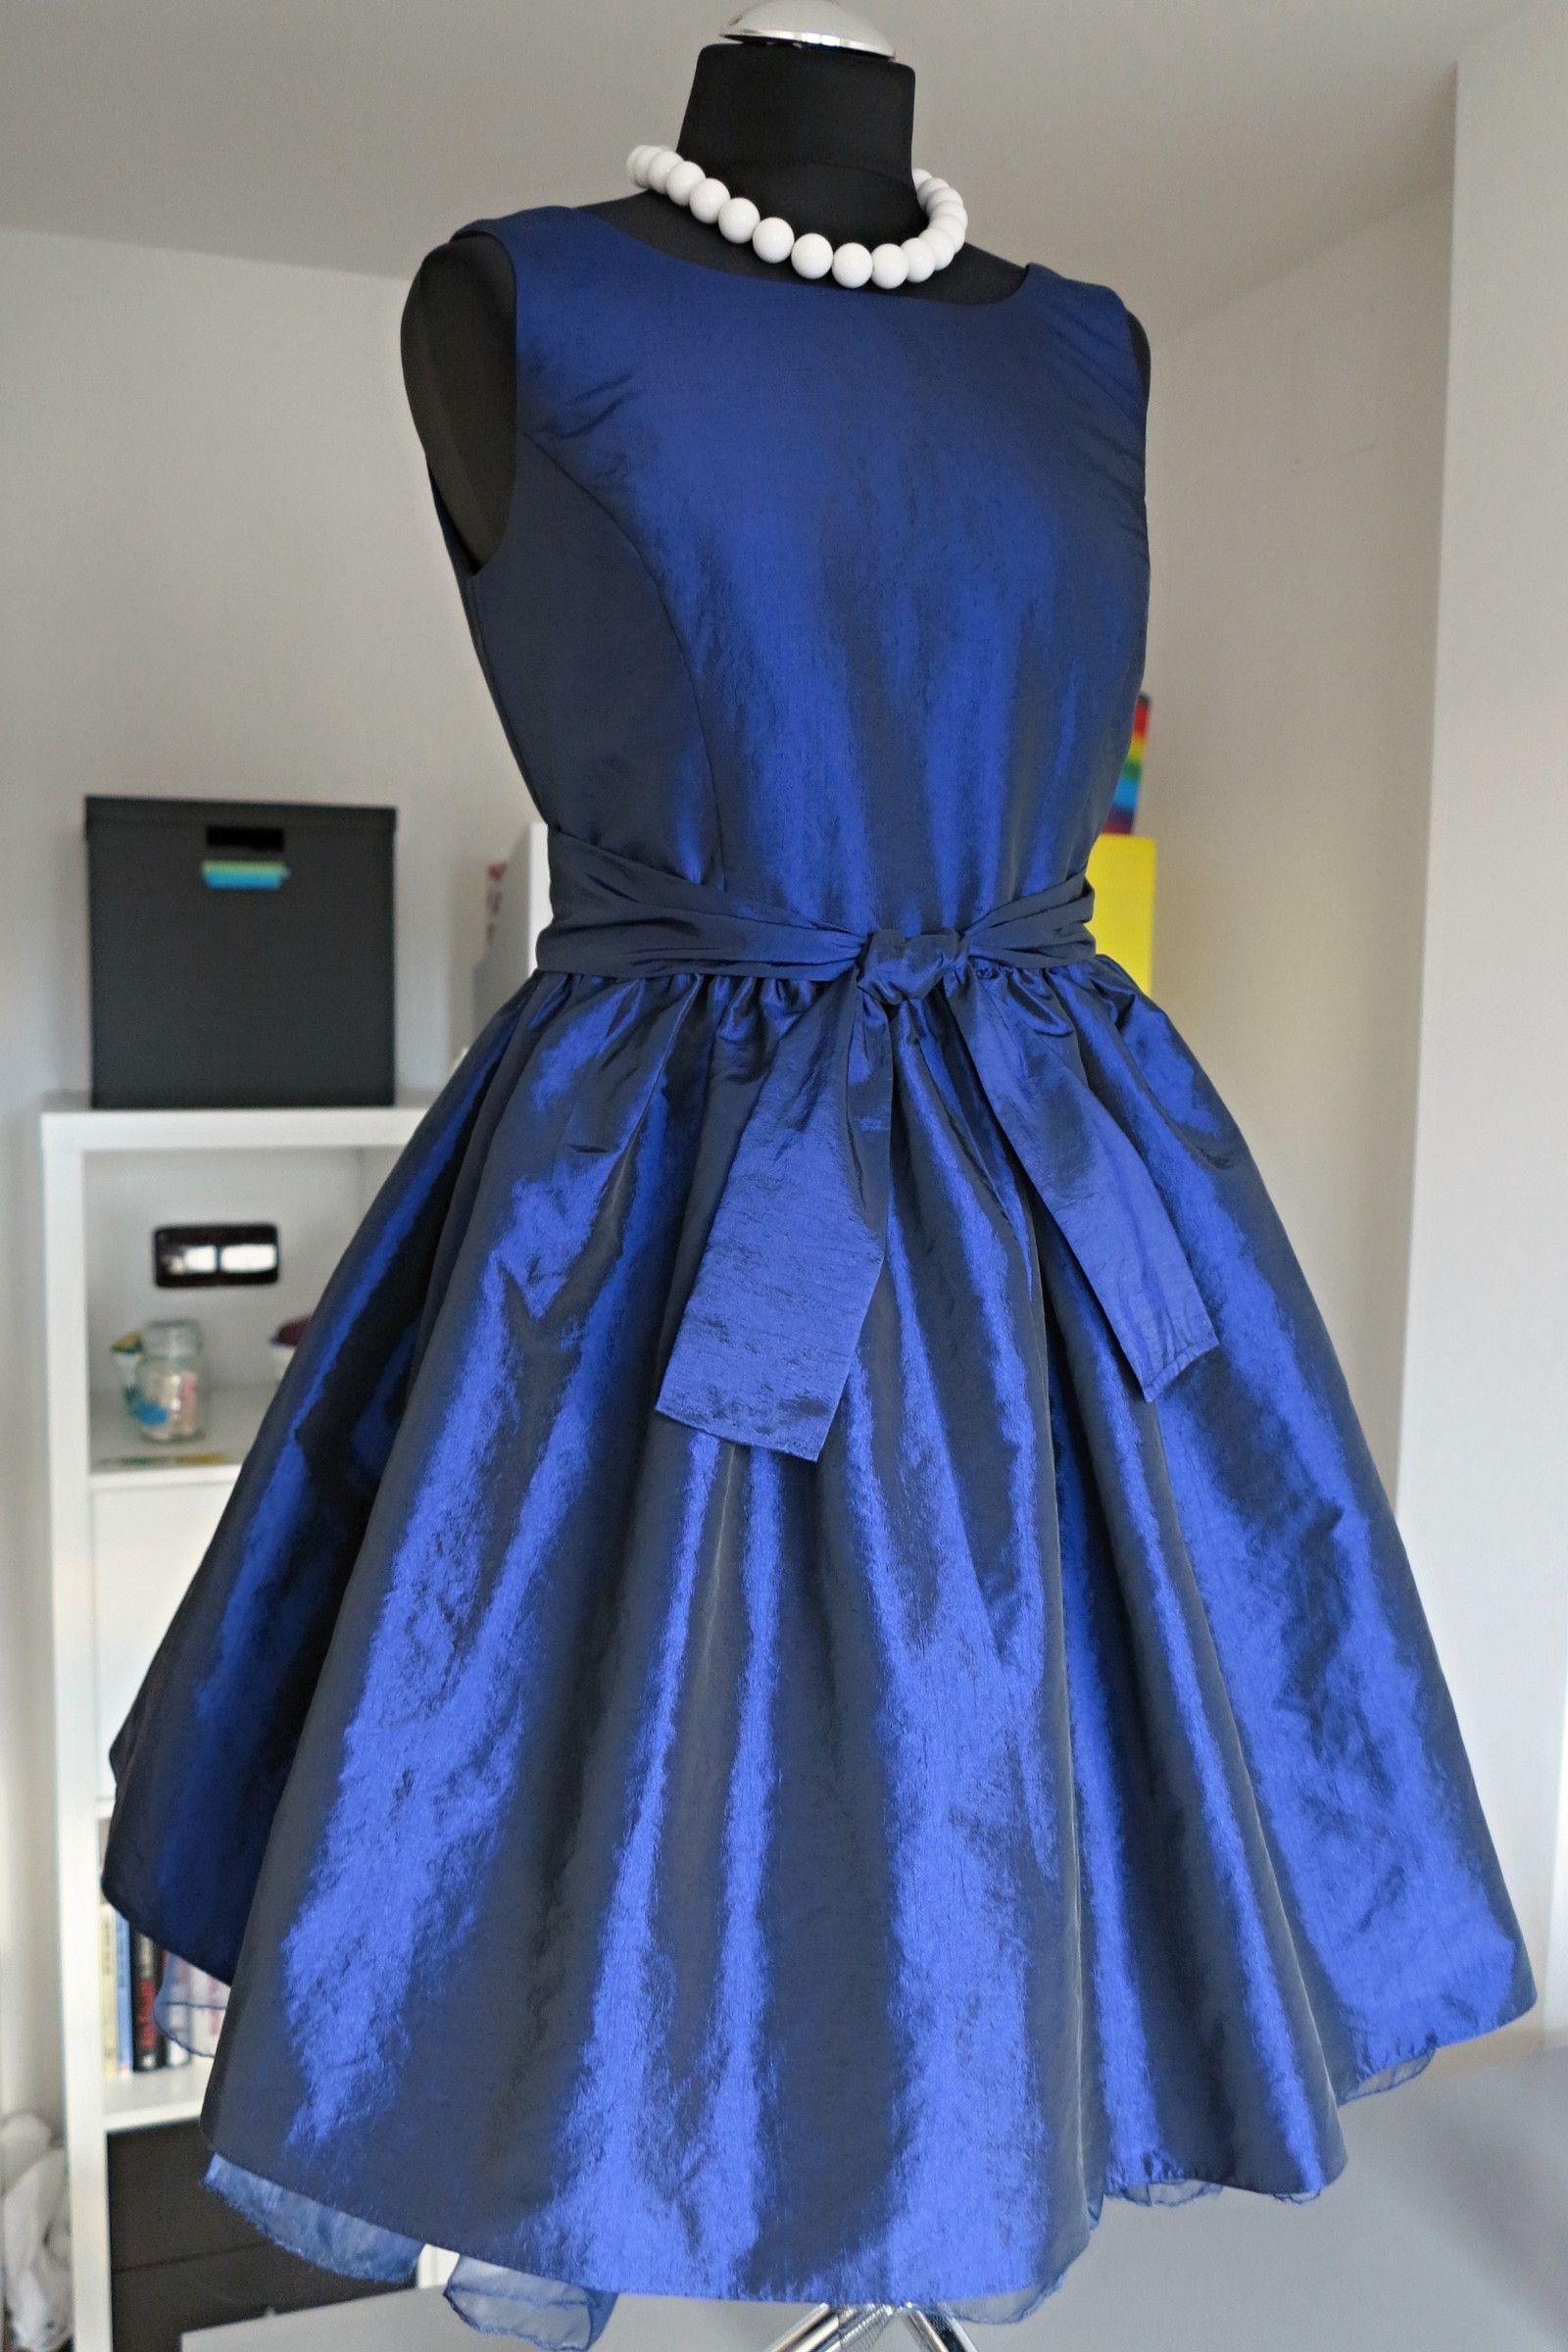 Šaty+taftové+královská+modrá cfb5fe8da2